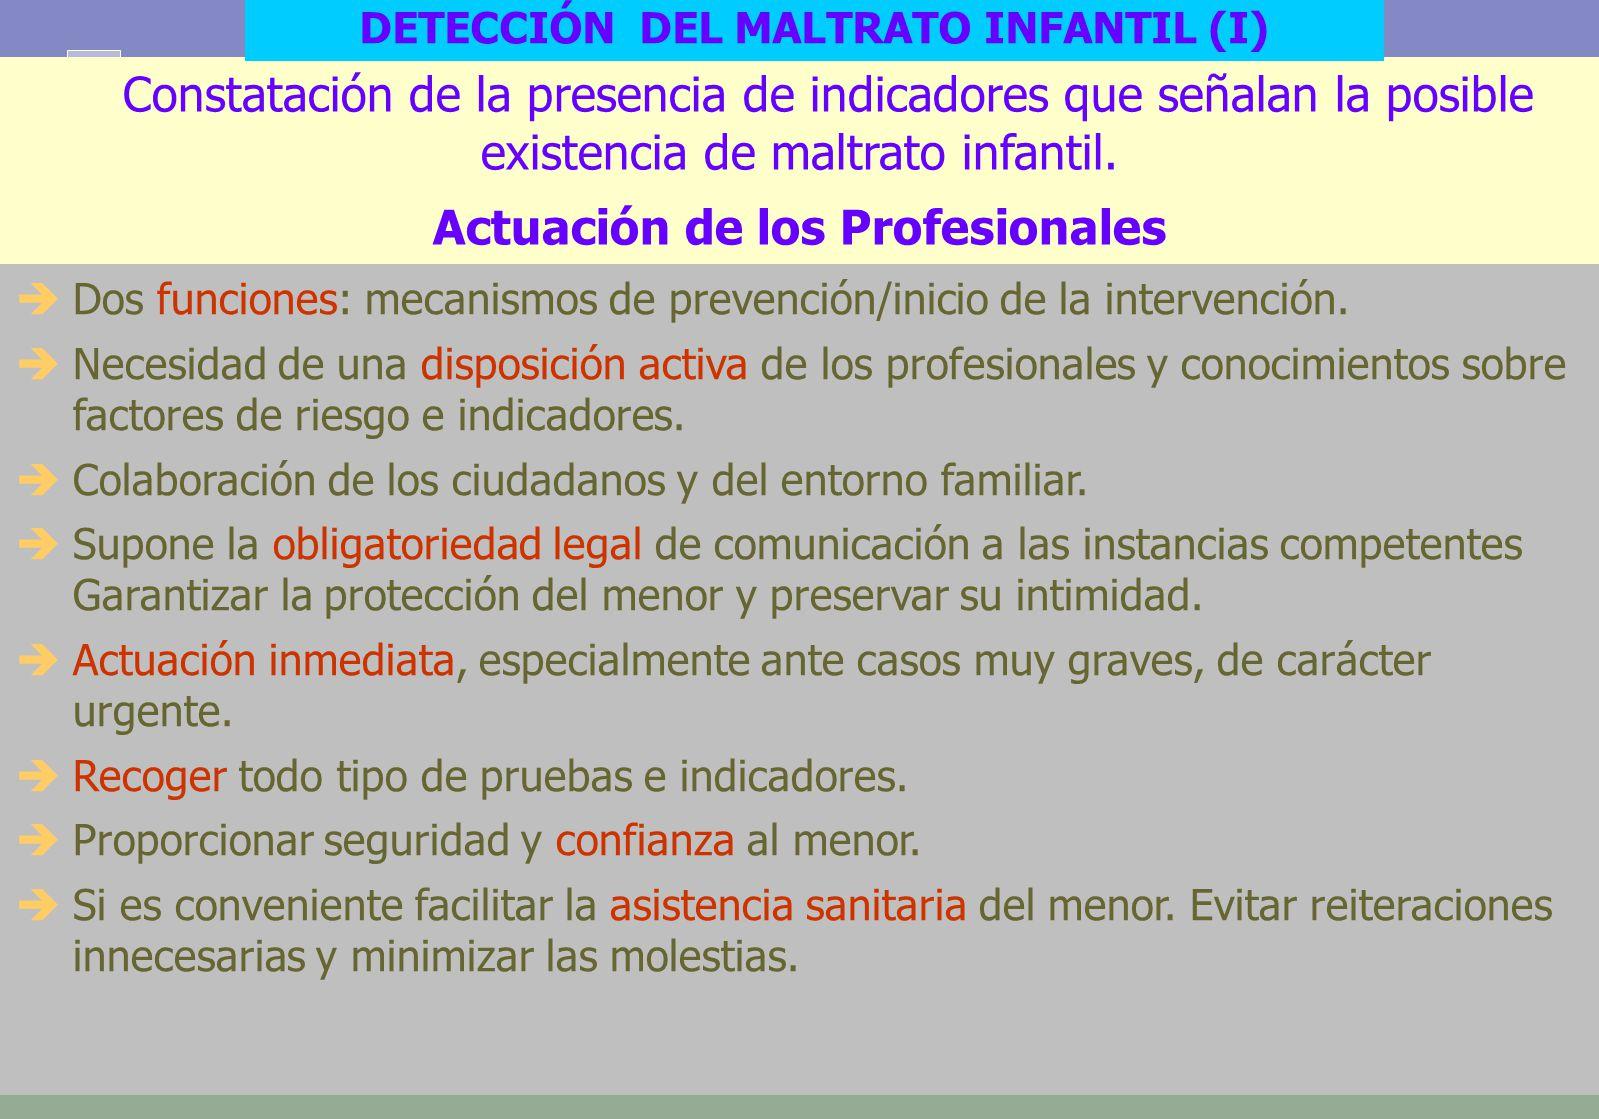 12 Constatación de la presencia de indicadores que señalan la posible existencia de maltrato infantil.